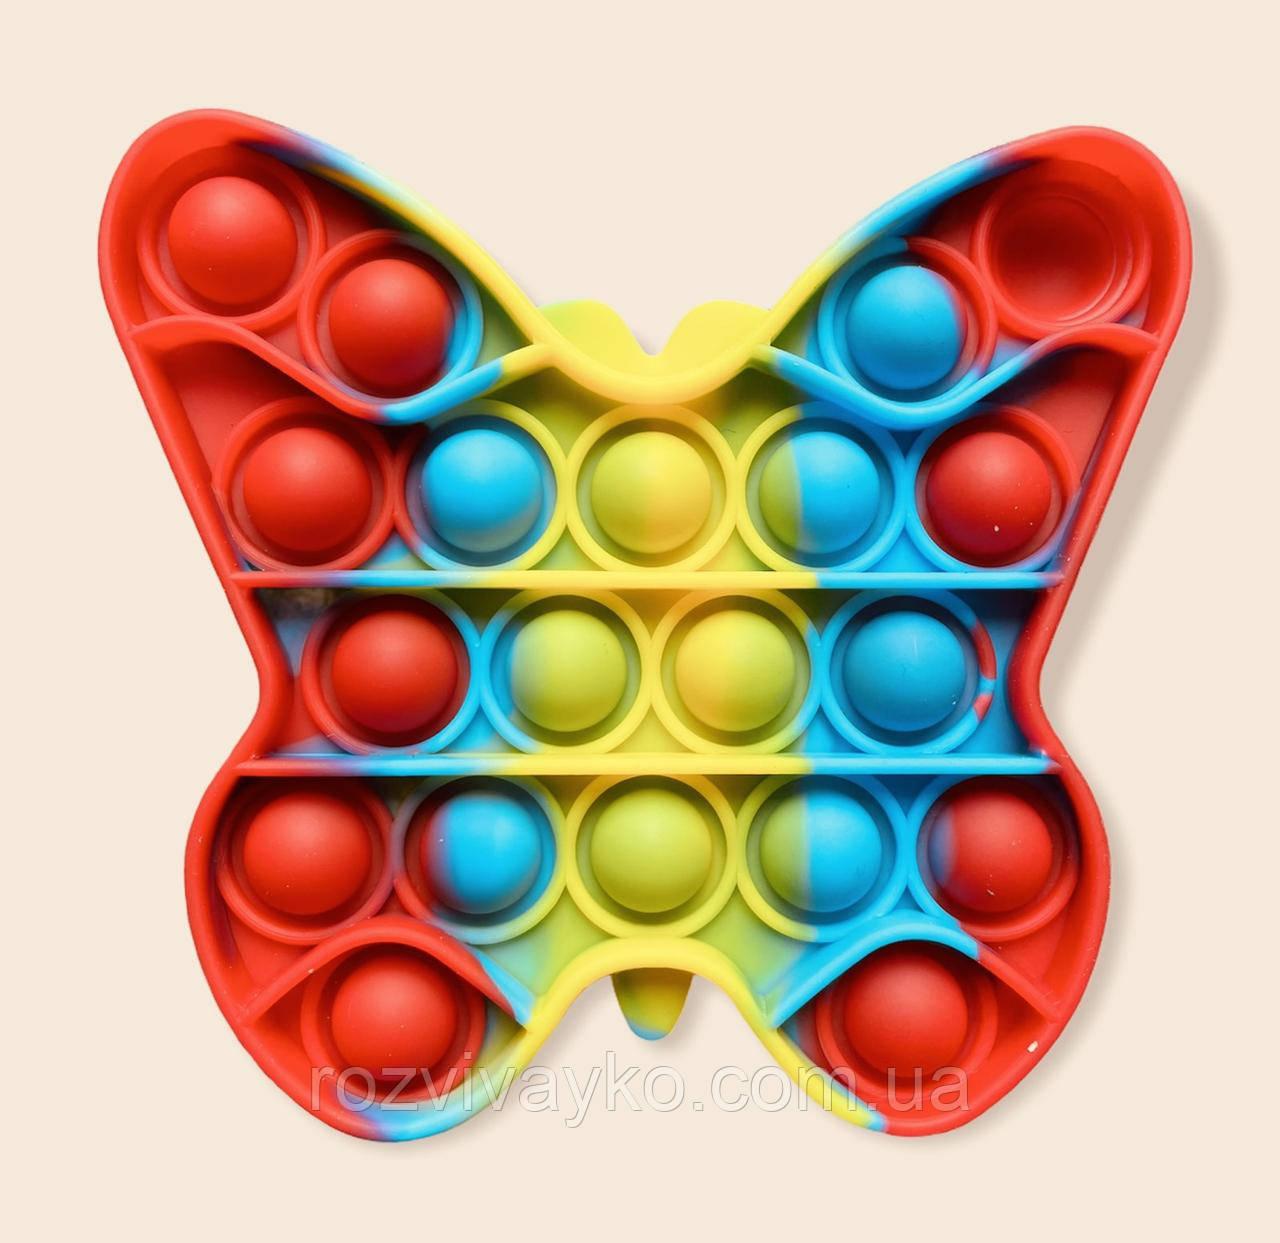 Антистресс Pop It Разноцветная бабочка